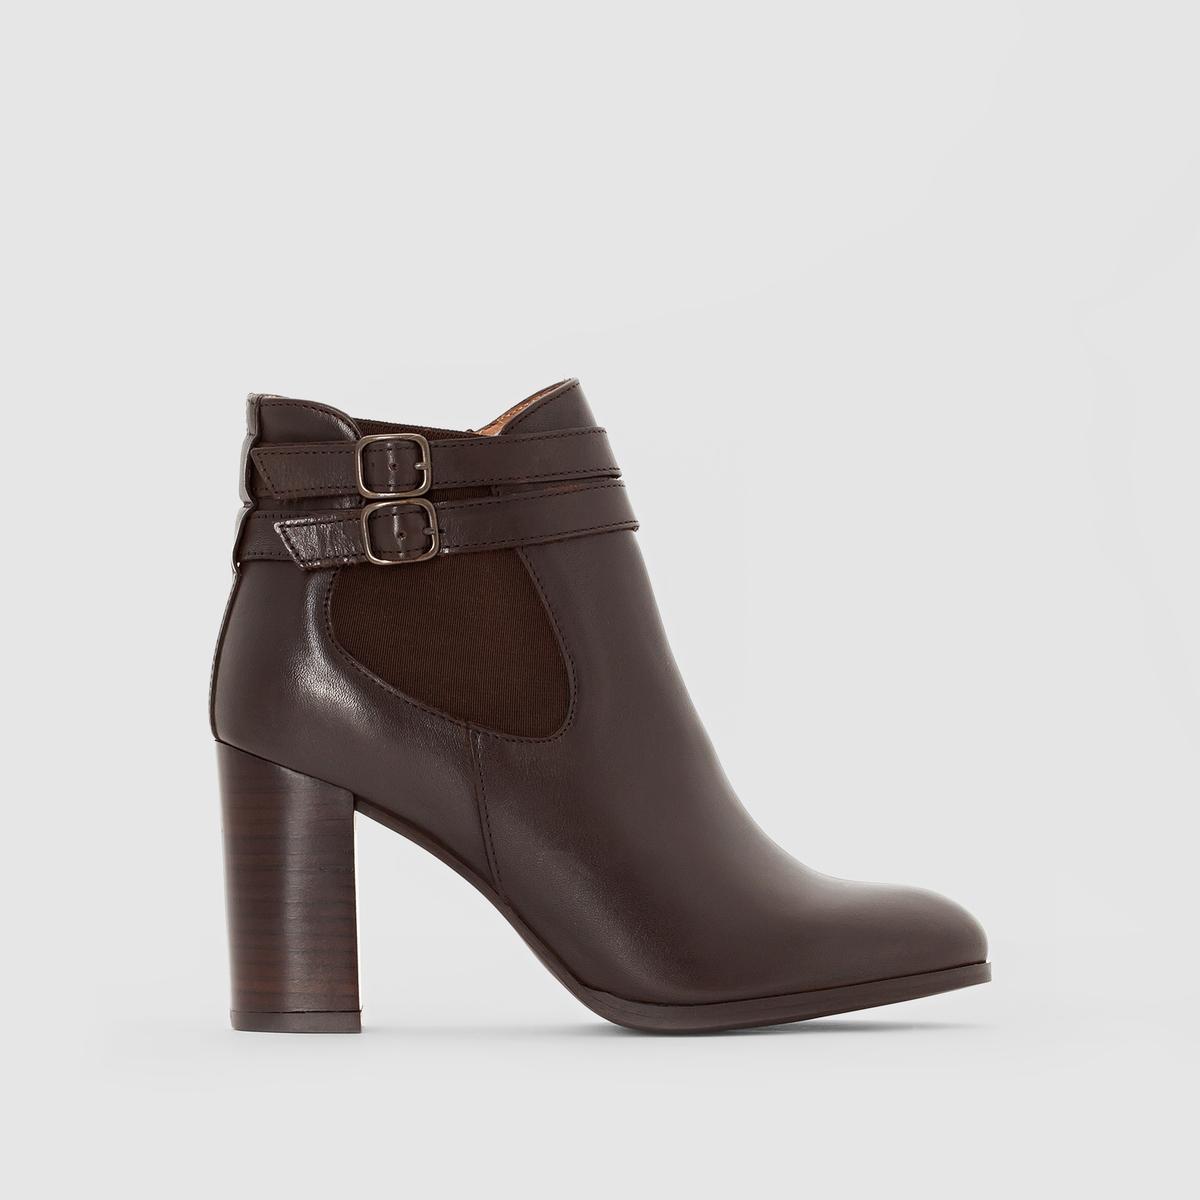 Ботильоны кожаные на каблуке AbriaПодкладка : Кожа   Стелька: Кожа   Подошва: эластомер    Высота каблука: 15 смВысота каблука: 8 смФорма каблука : Широкий.   Носок : Закругленный.   Застежка   : Застежка на молнию<br><br>Цвет: каштановый<br>Размер: 40.39